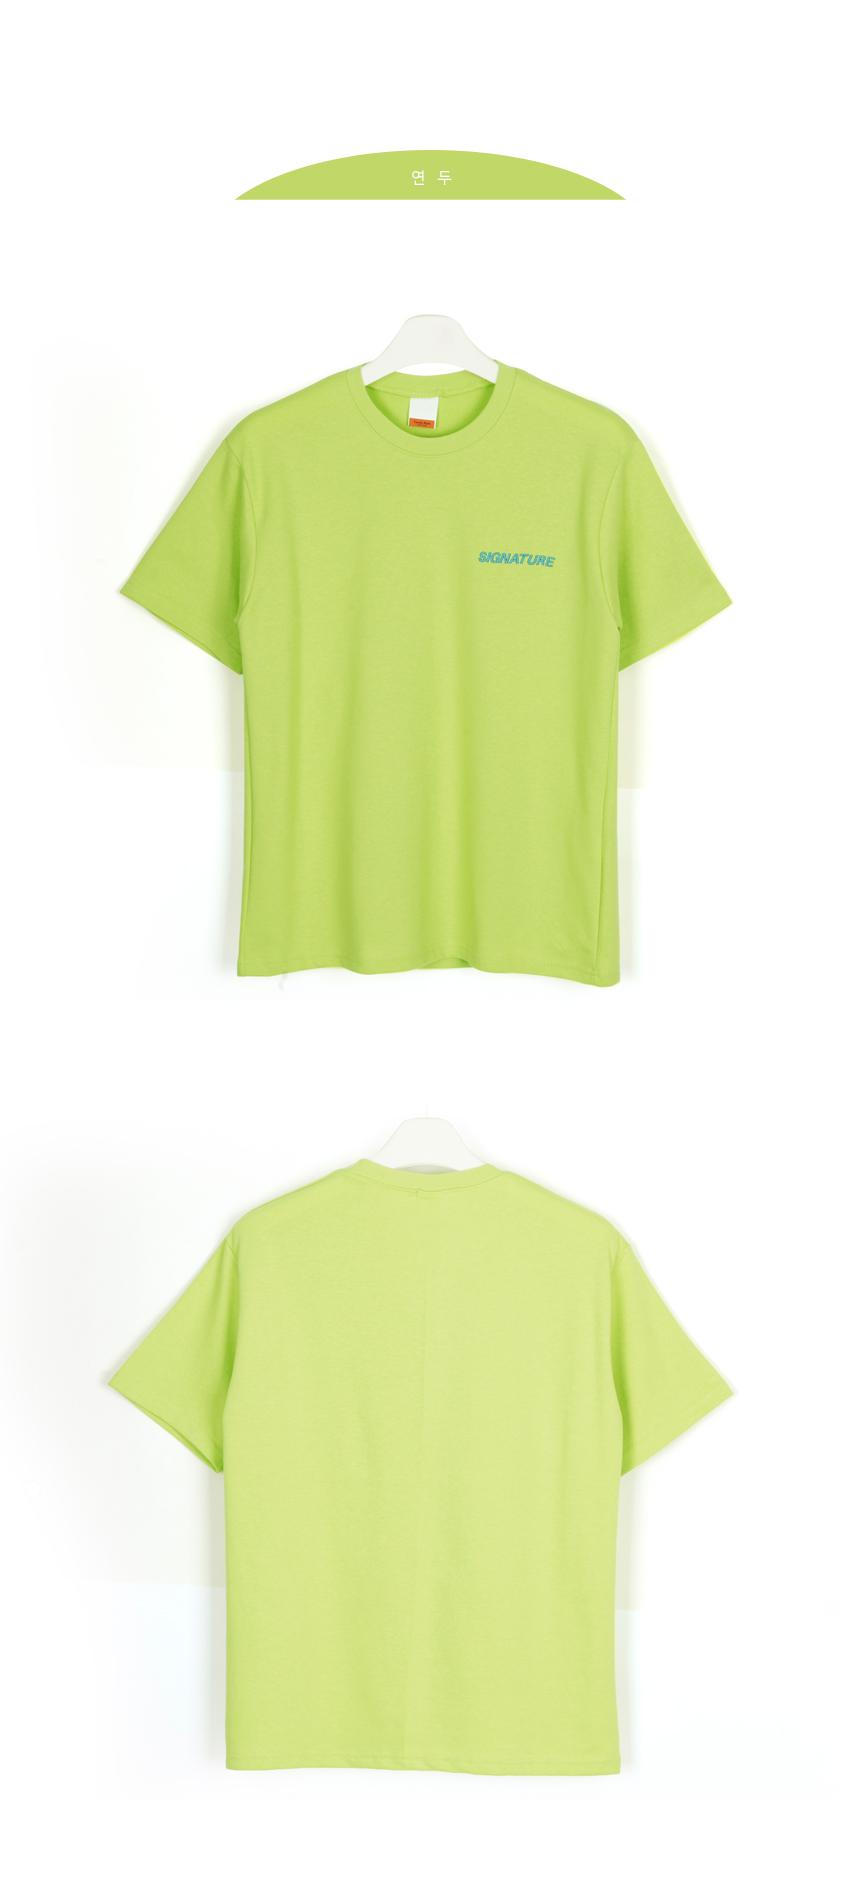 002(4).jpg